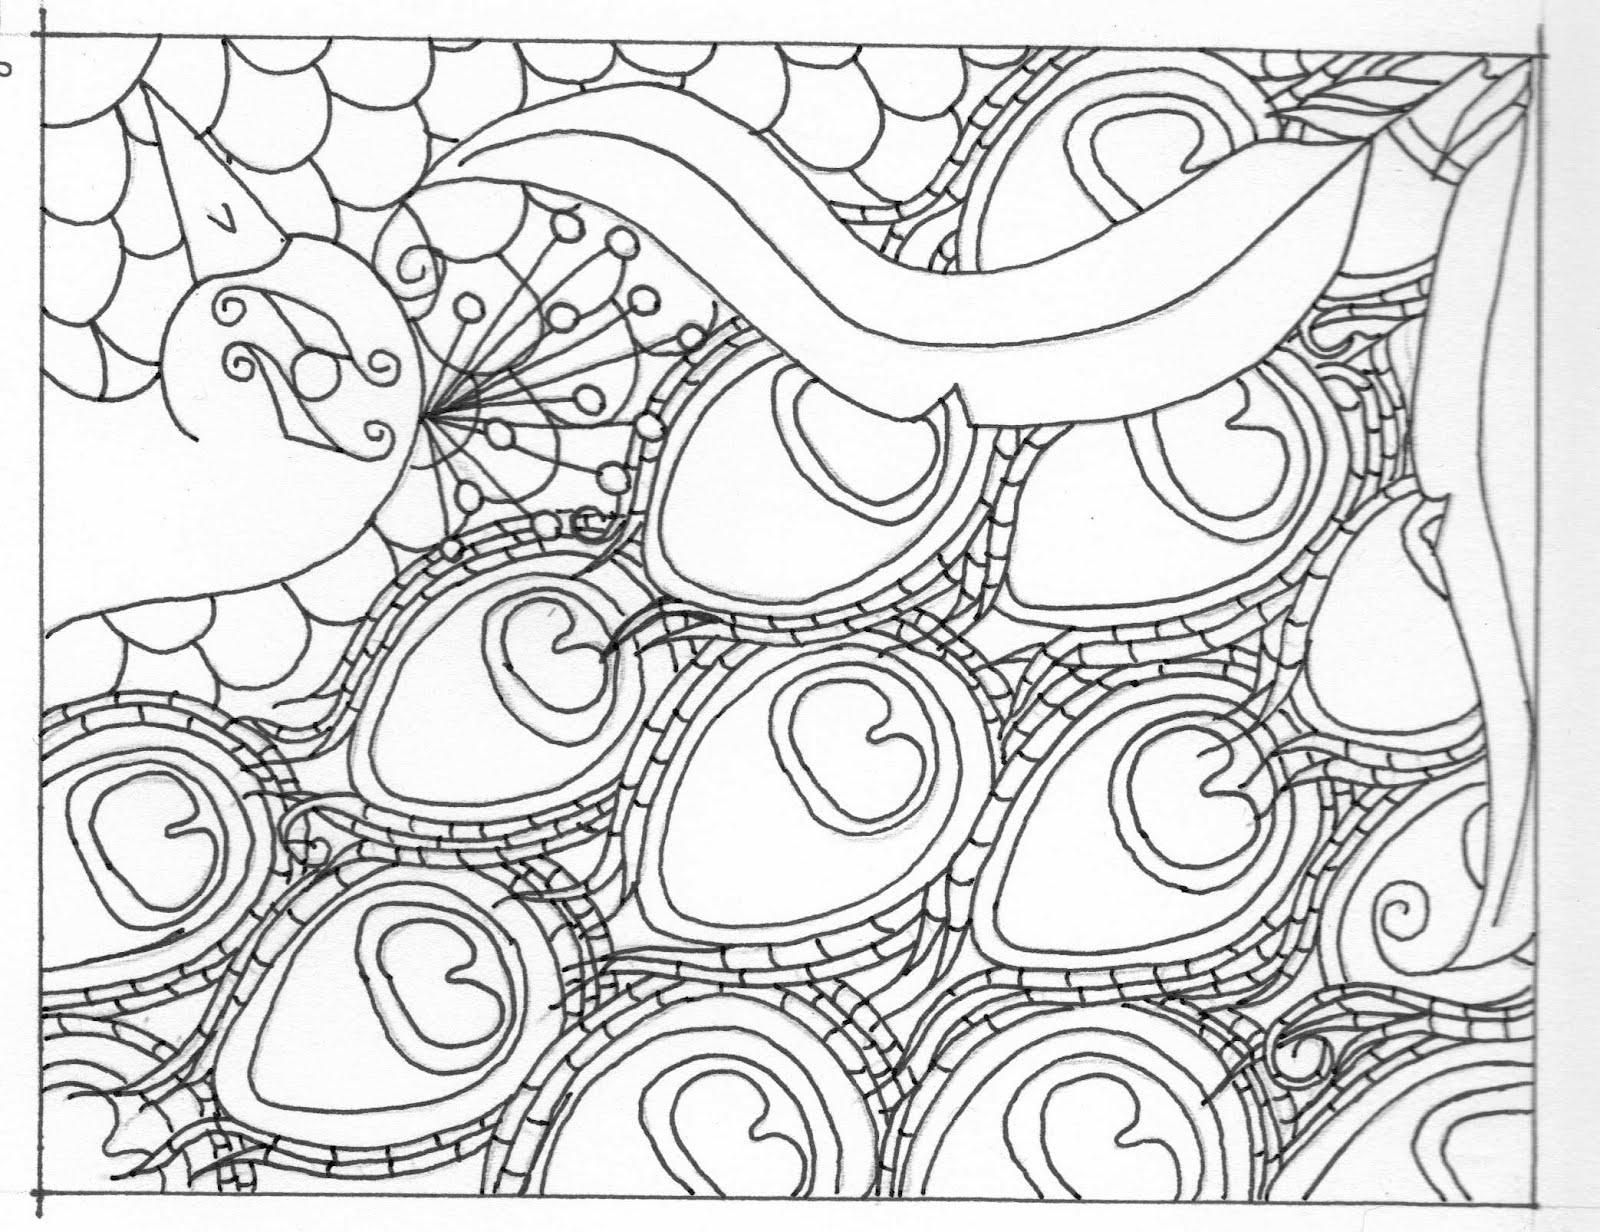 Janu coloring #20, Download drawings